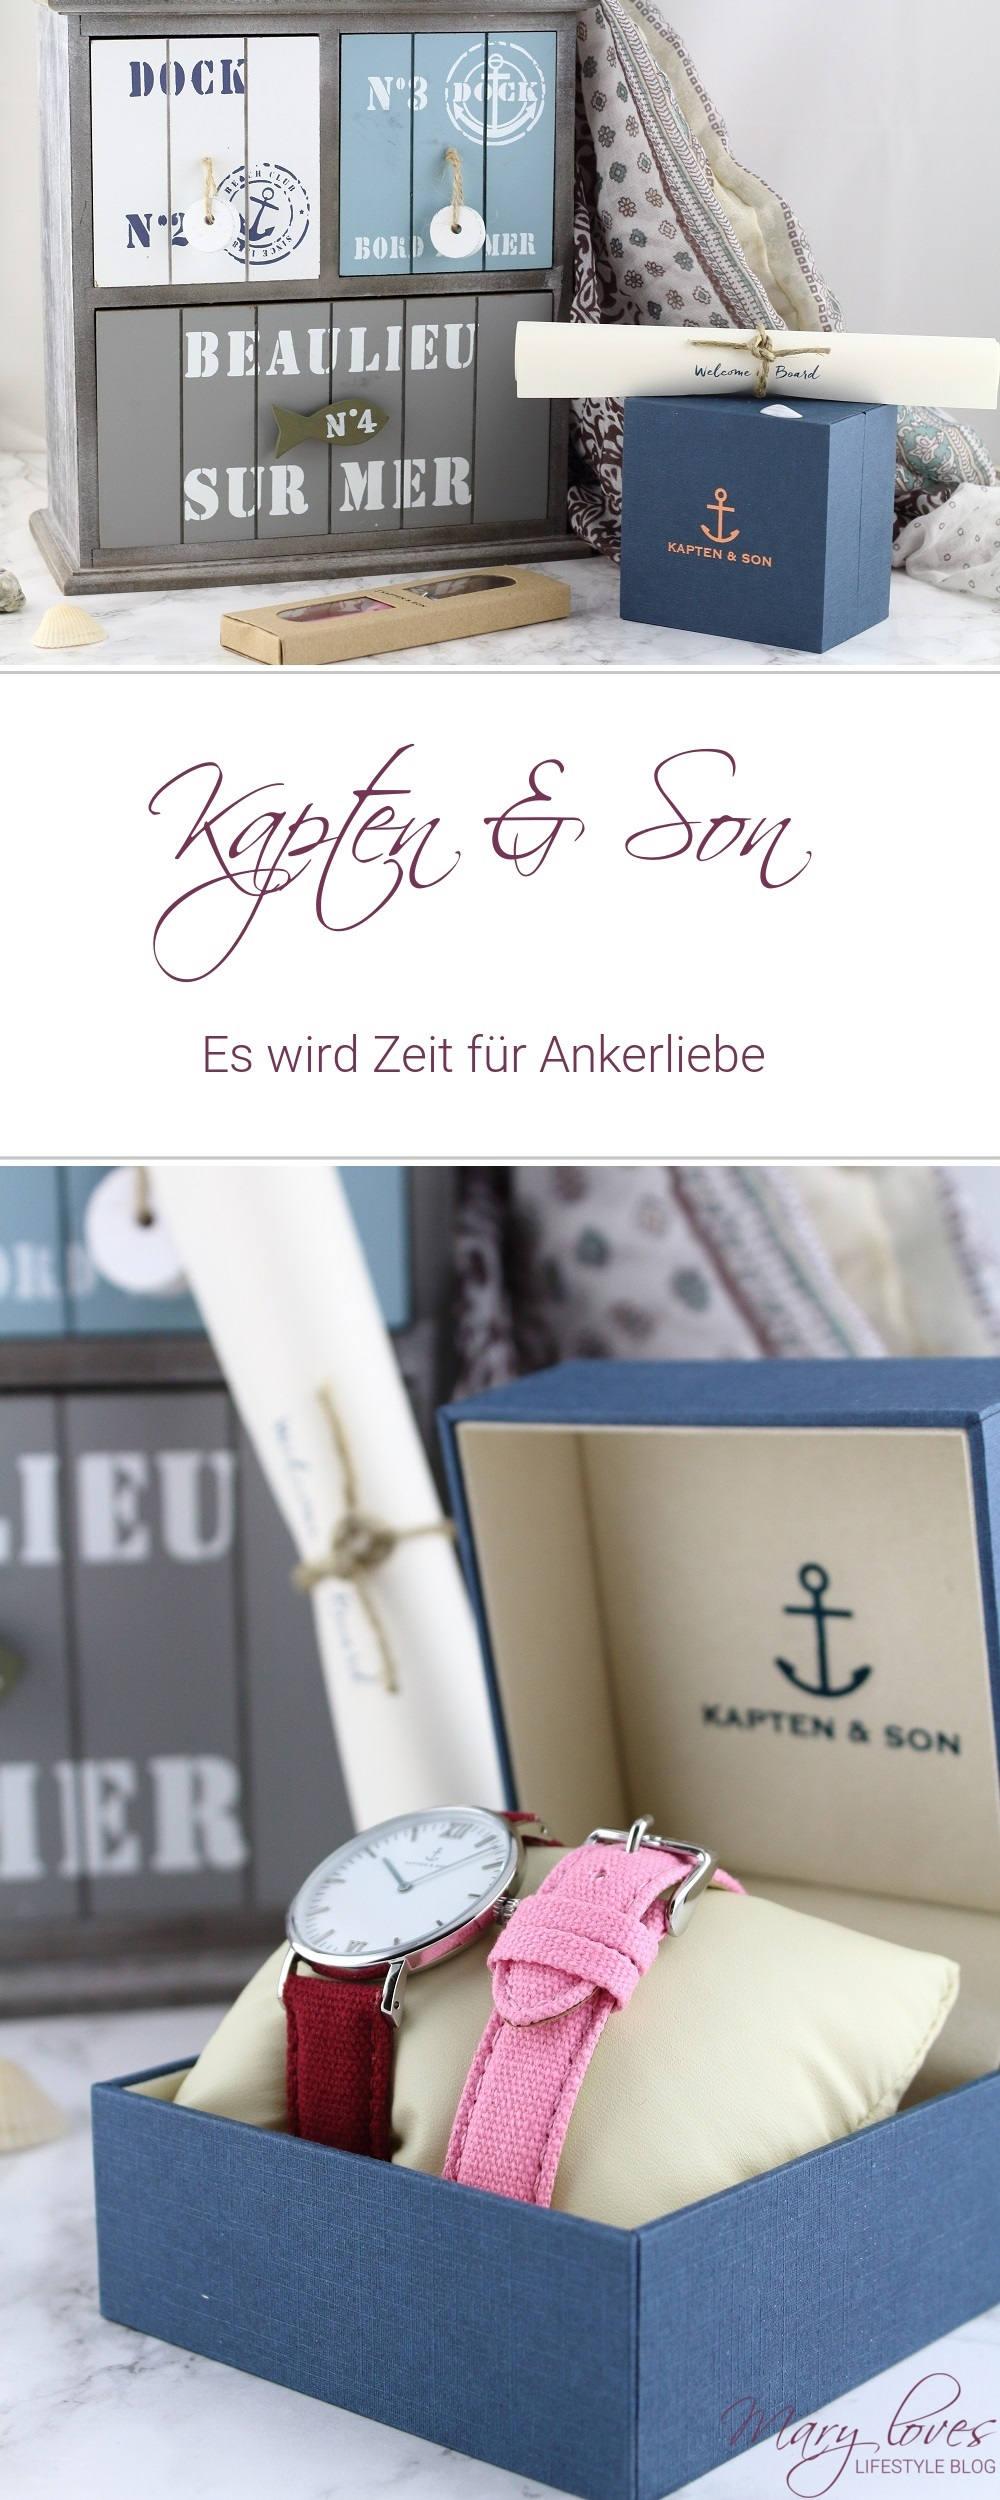 Kapten & Son - Es wird Zeit für Ankerliebe - Uhr - Armbanduhr